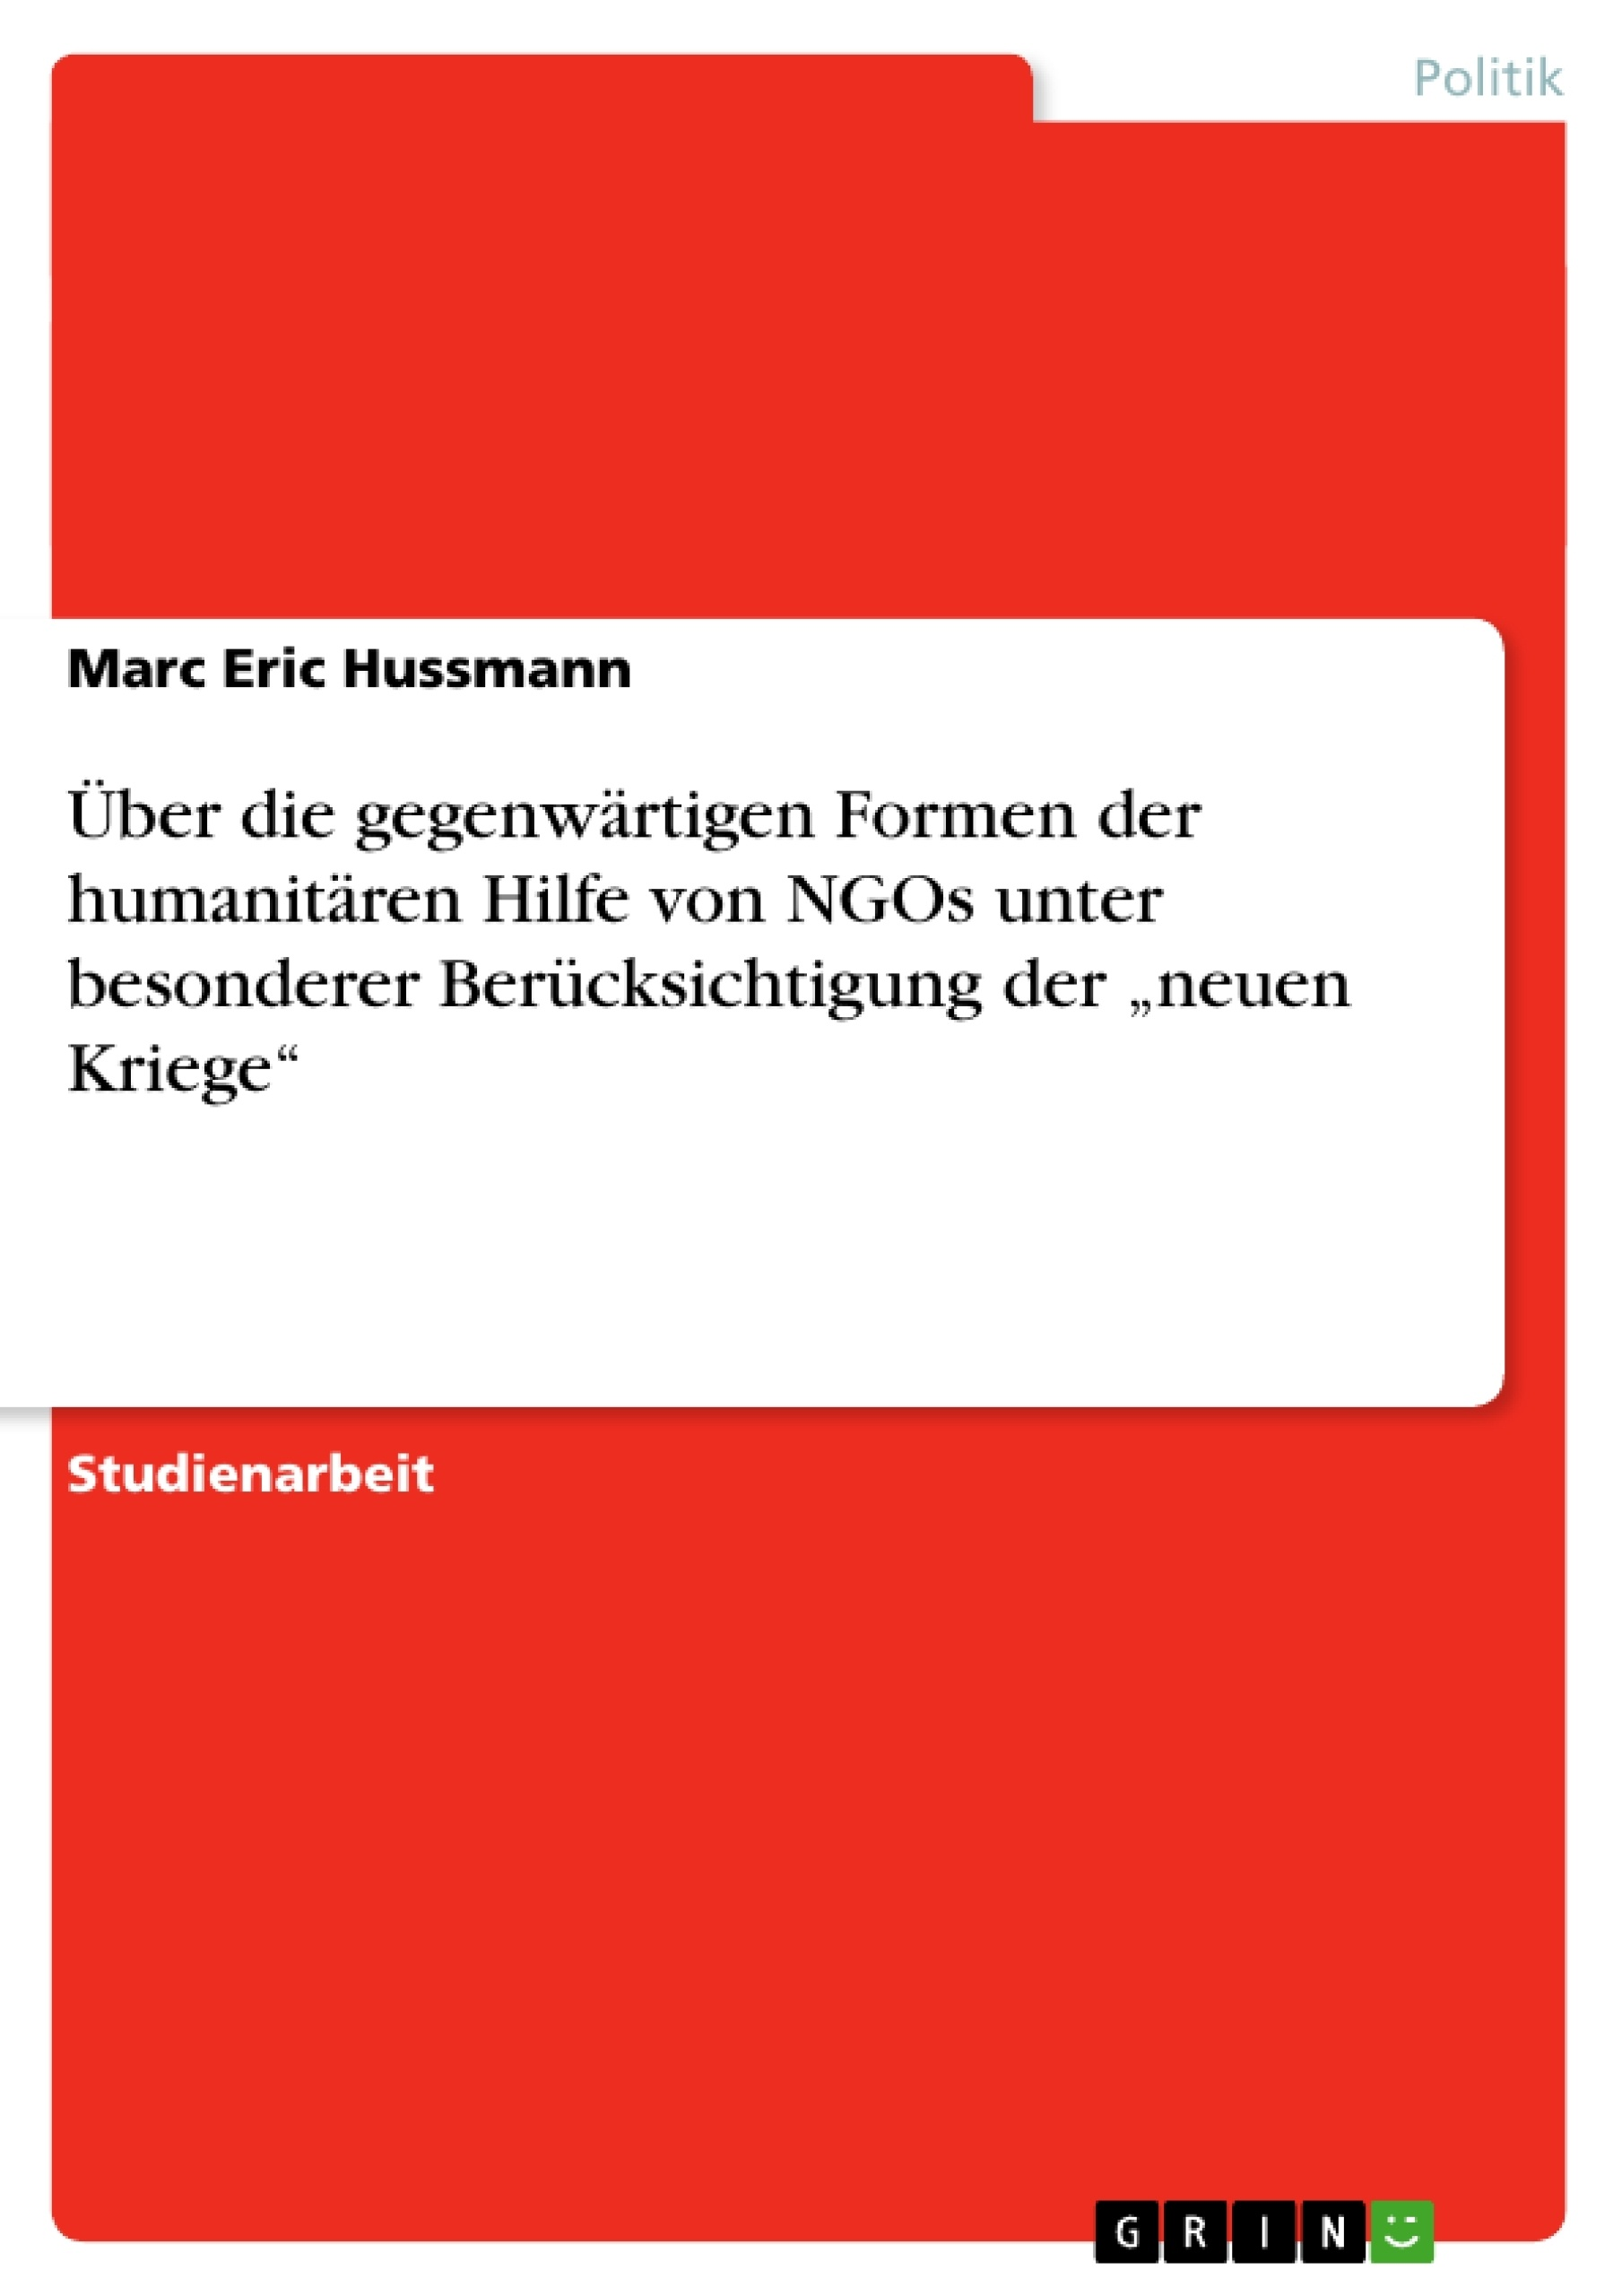 """Titel: Über die gegenwärtigen Formen der humanitären Hilfe von NGOs unter besonderer Berücksichtigung der """"neuen Kriege"""""""